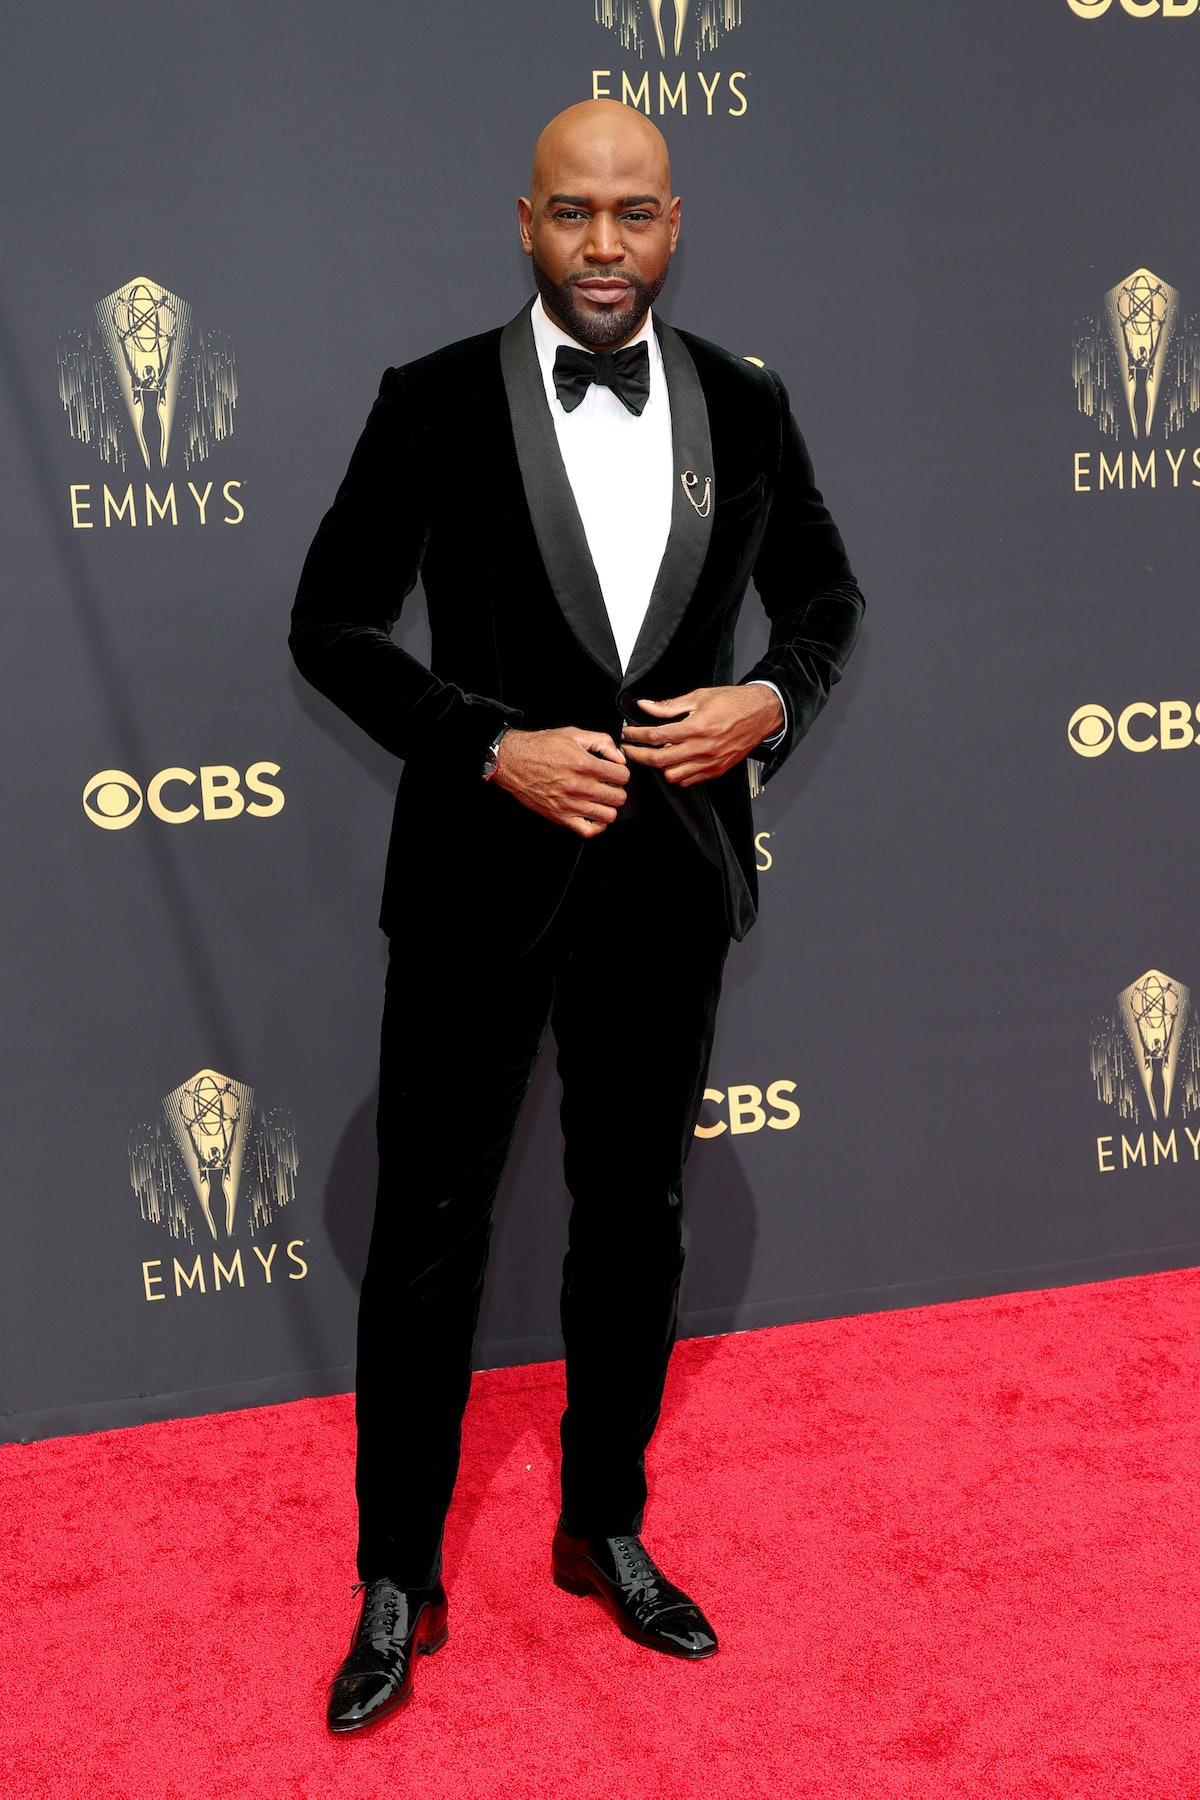 لوس آنجلس ، کالیفرنیا - 19 سپتامبر: کارامو براون در 73 مین مراسم اهدای جایزه امی در لس آنجلس شرکت کرد ...